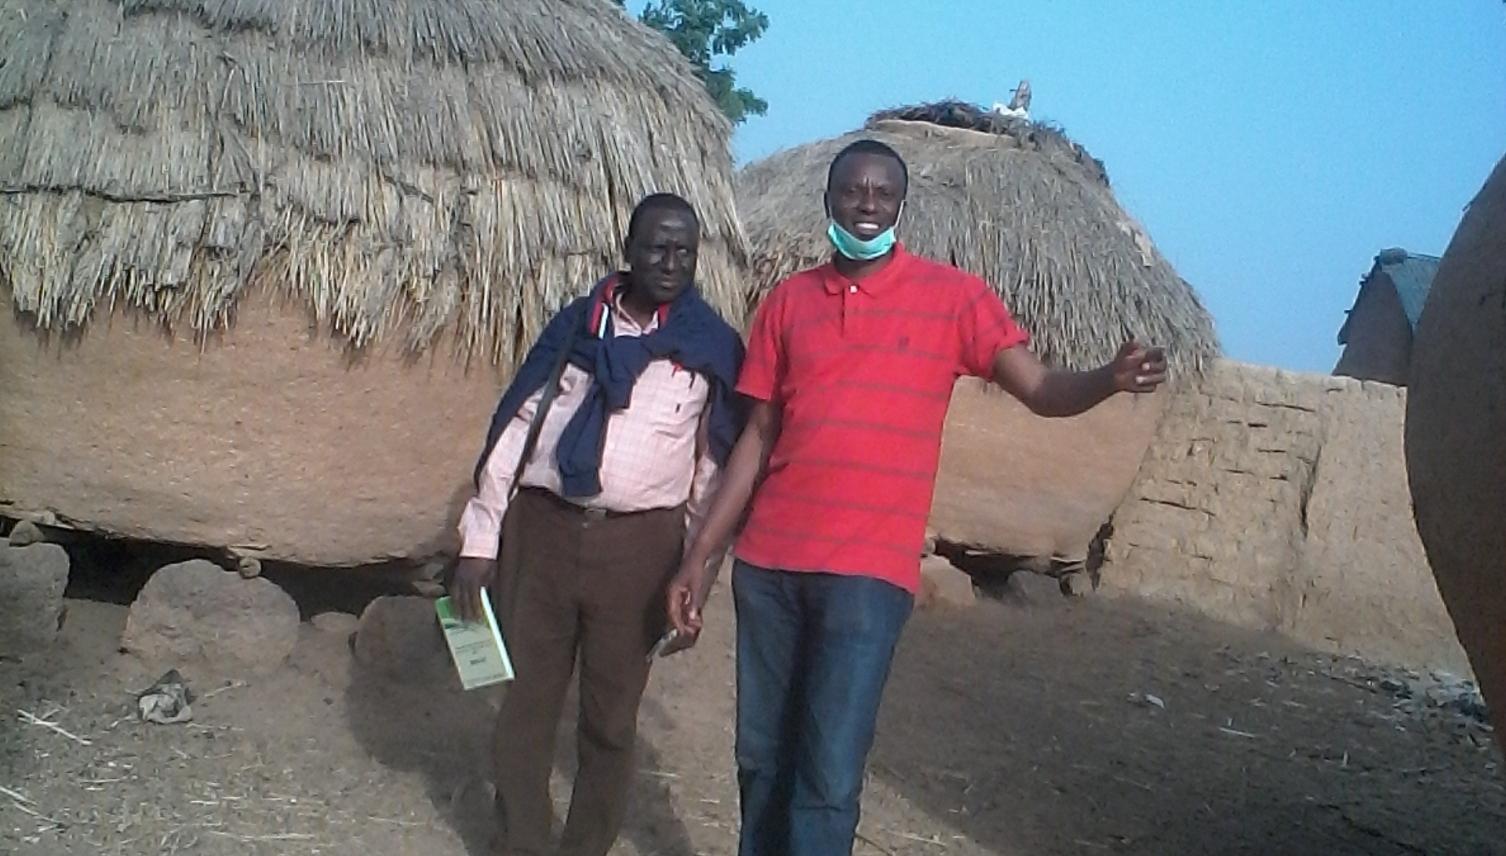 Jedima at work in the village